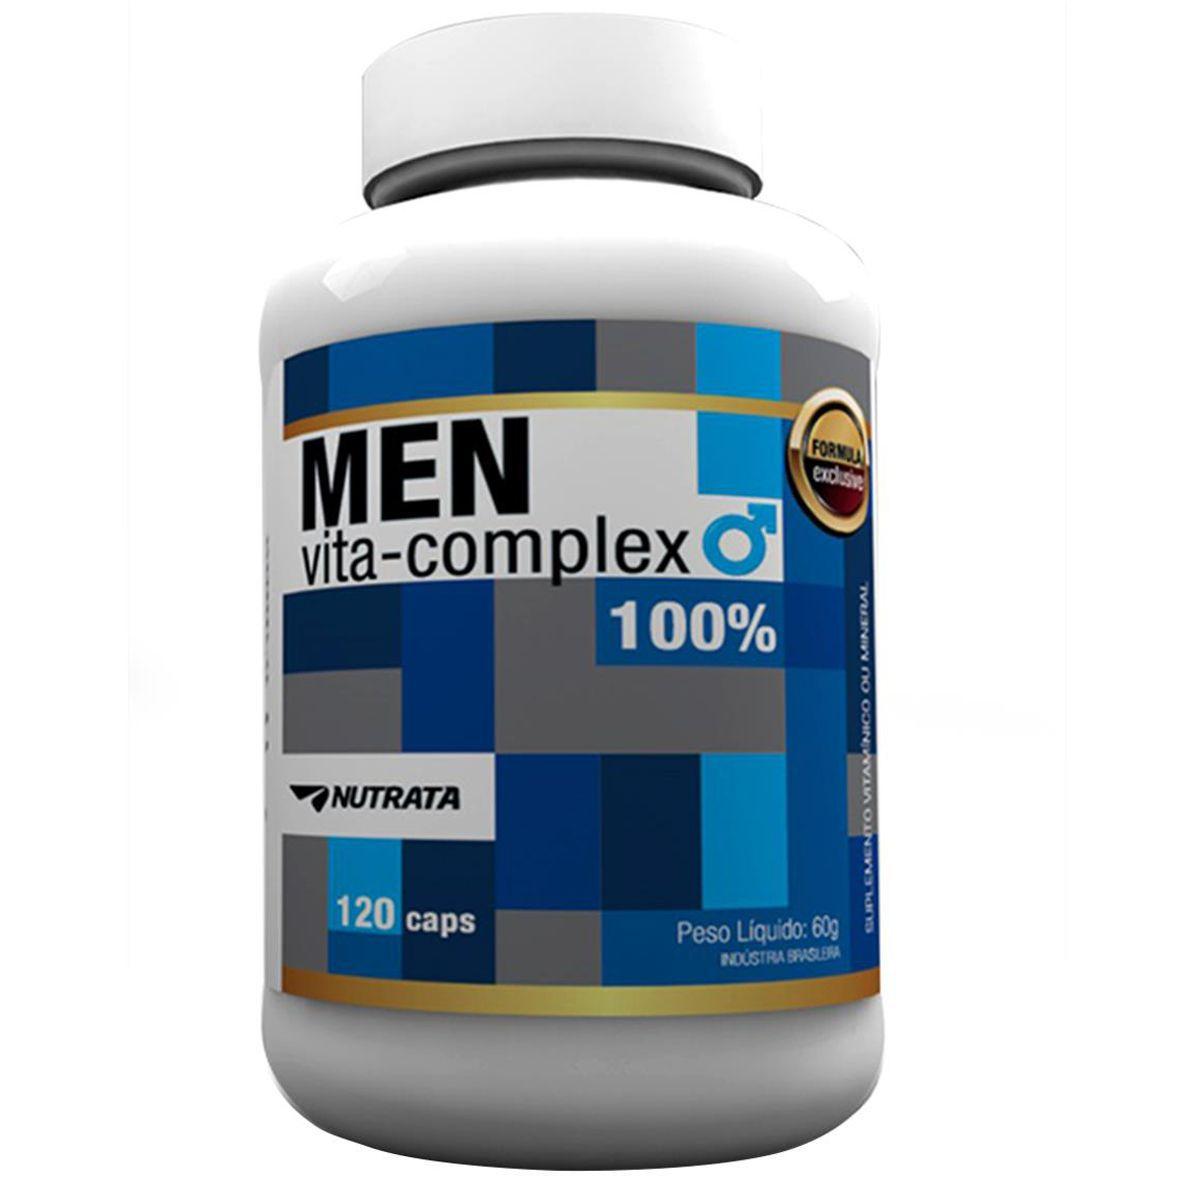 Men Vita Complex 120 Caps Nutrata